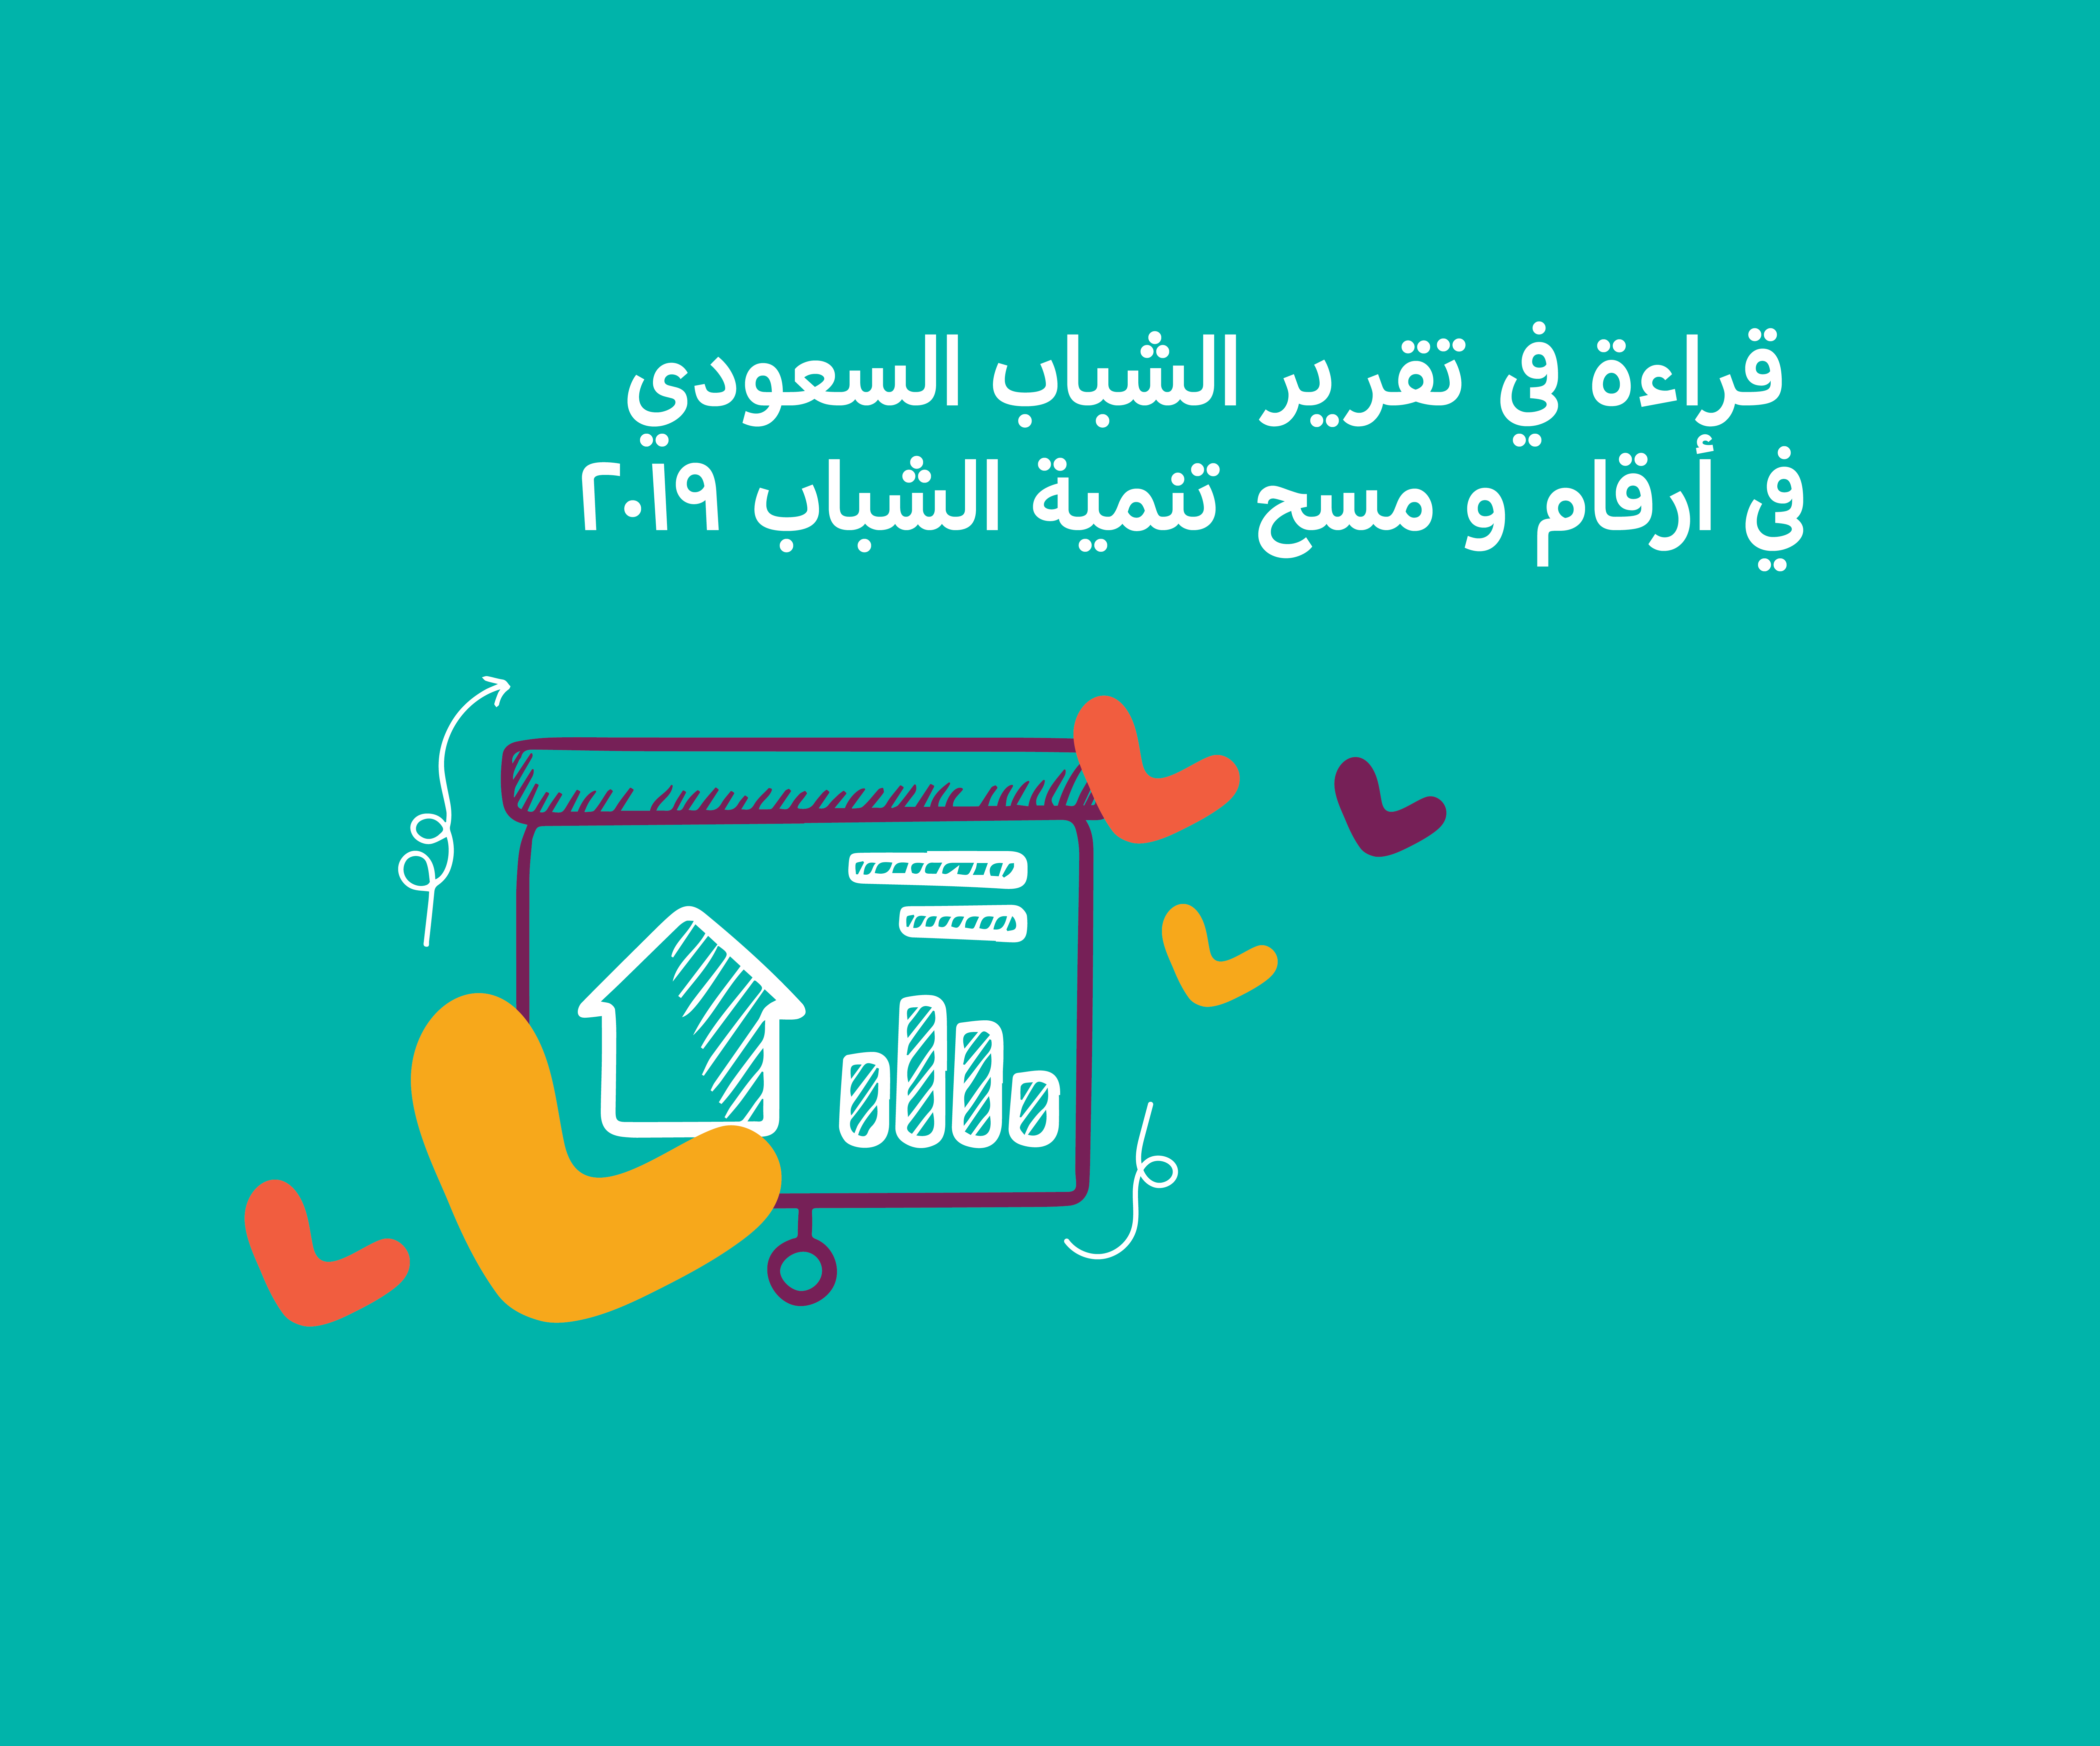 قراءة في تقرير الشباب السعودي في أرقام ومسح تنمية الشباب...